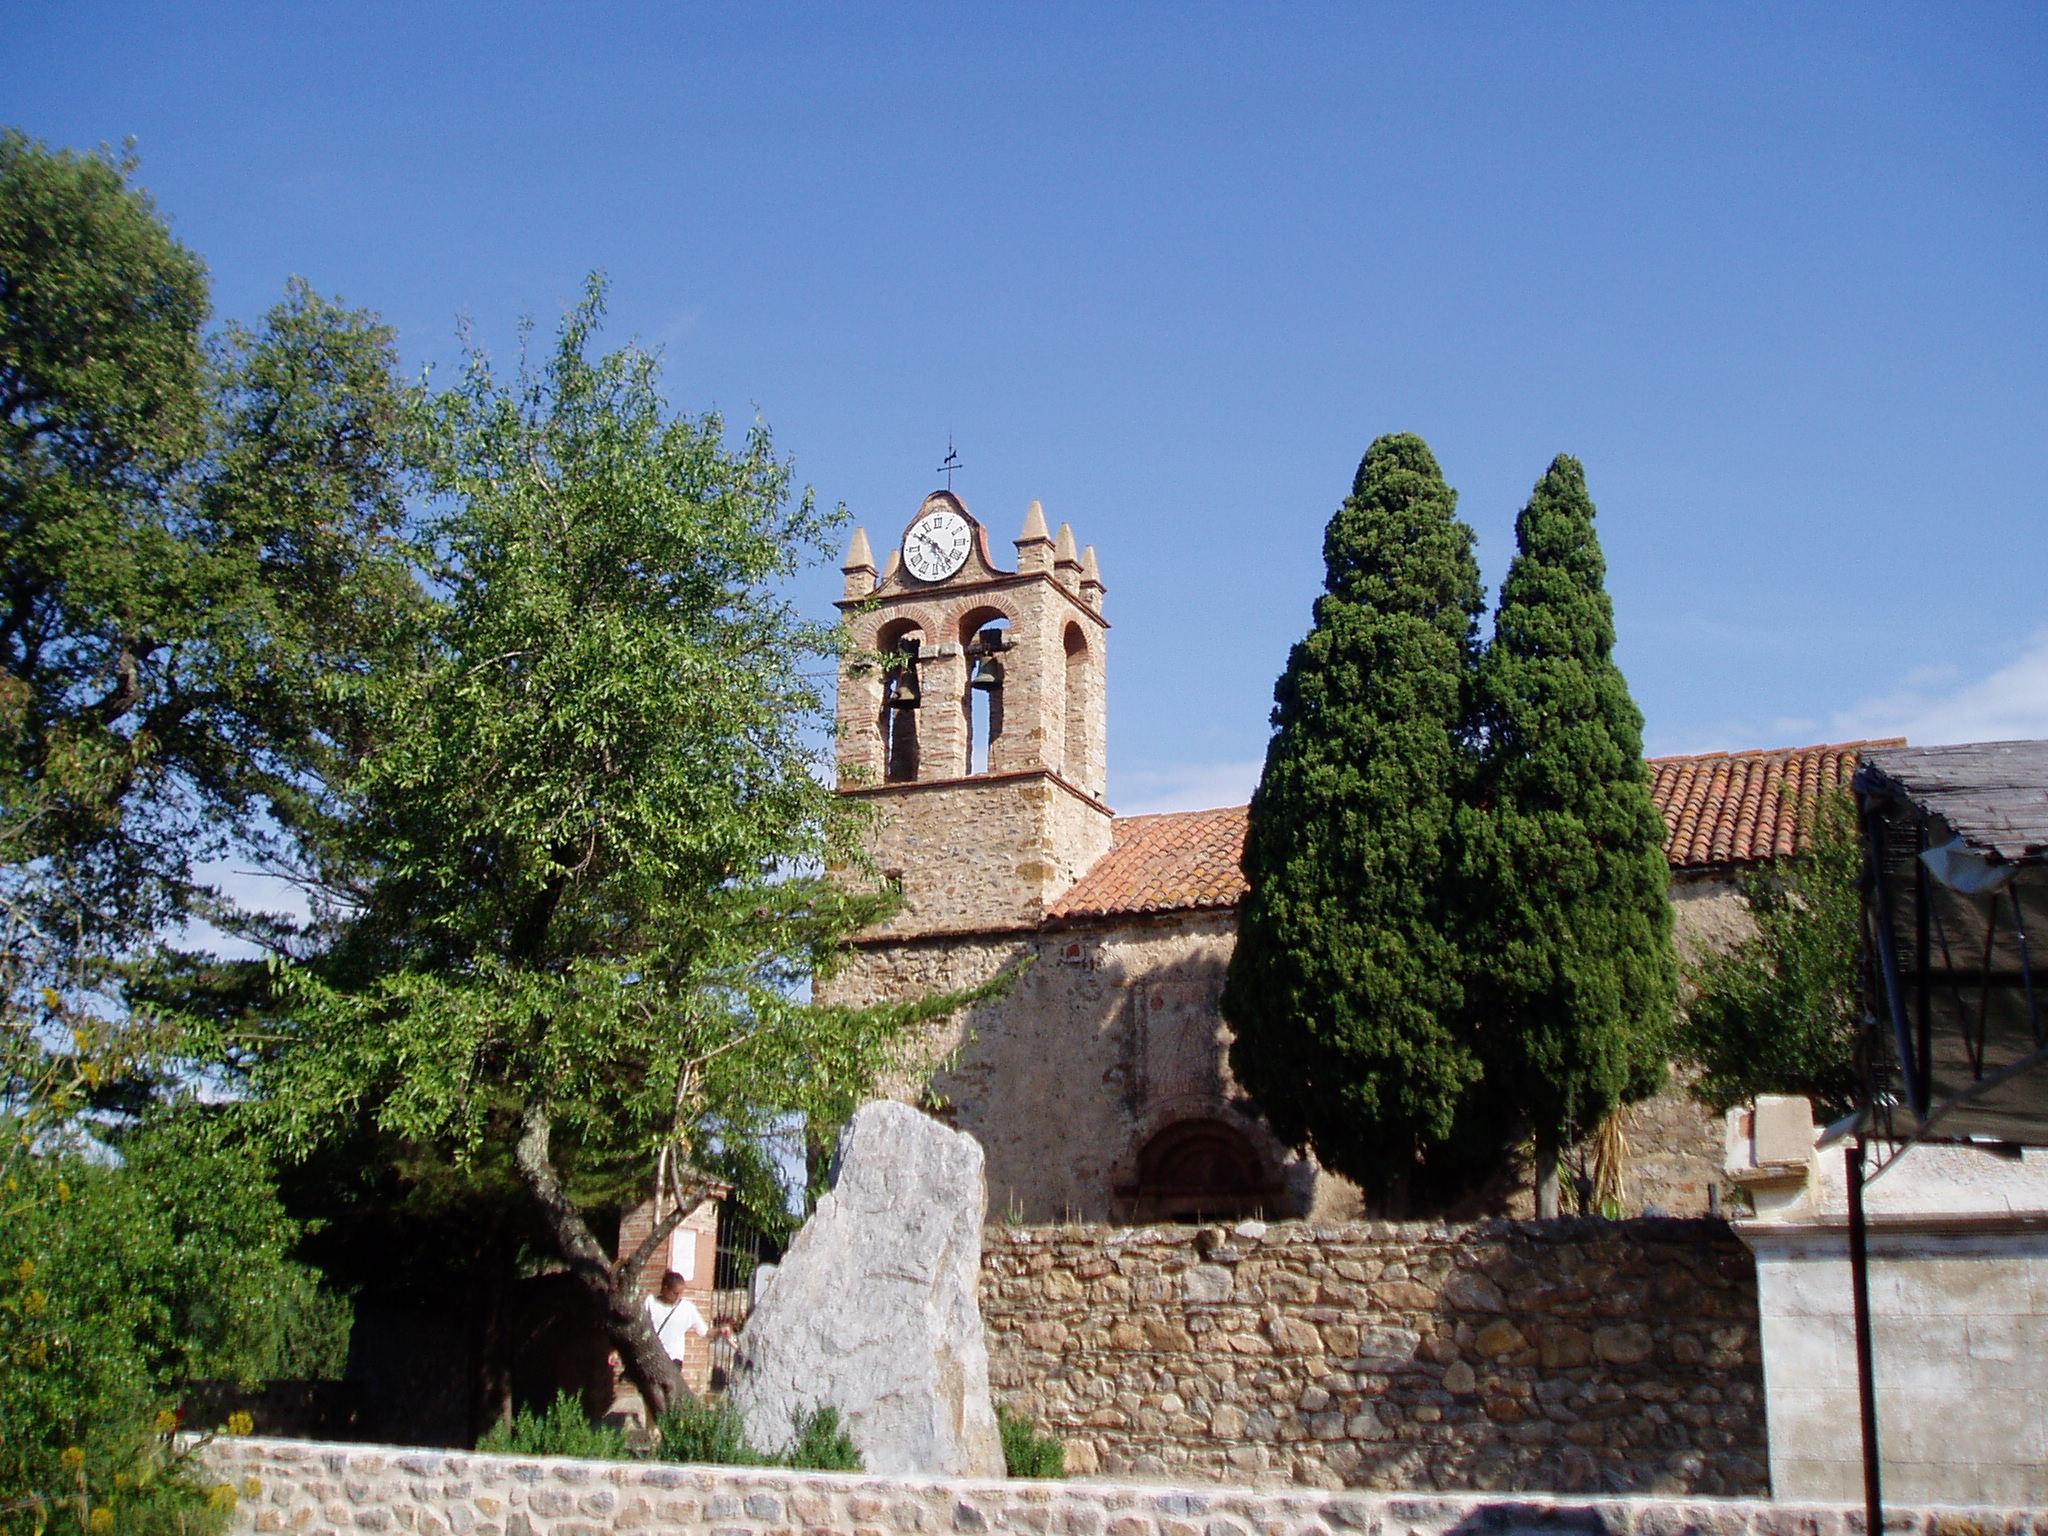 al88_06_1_Eglise_Castelnou.jpg